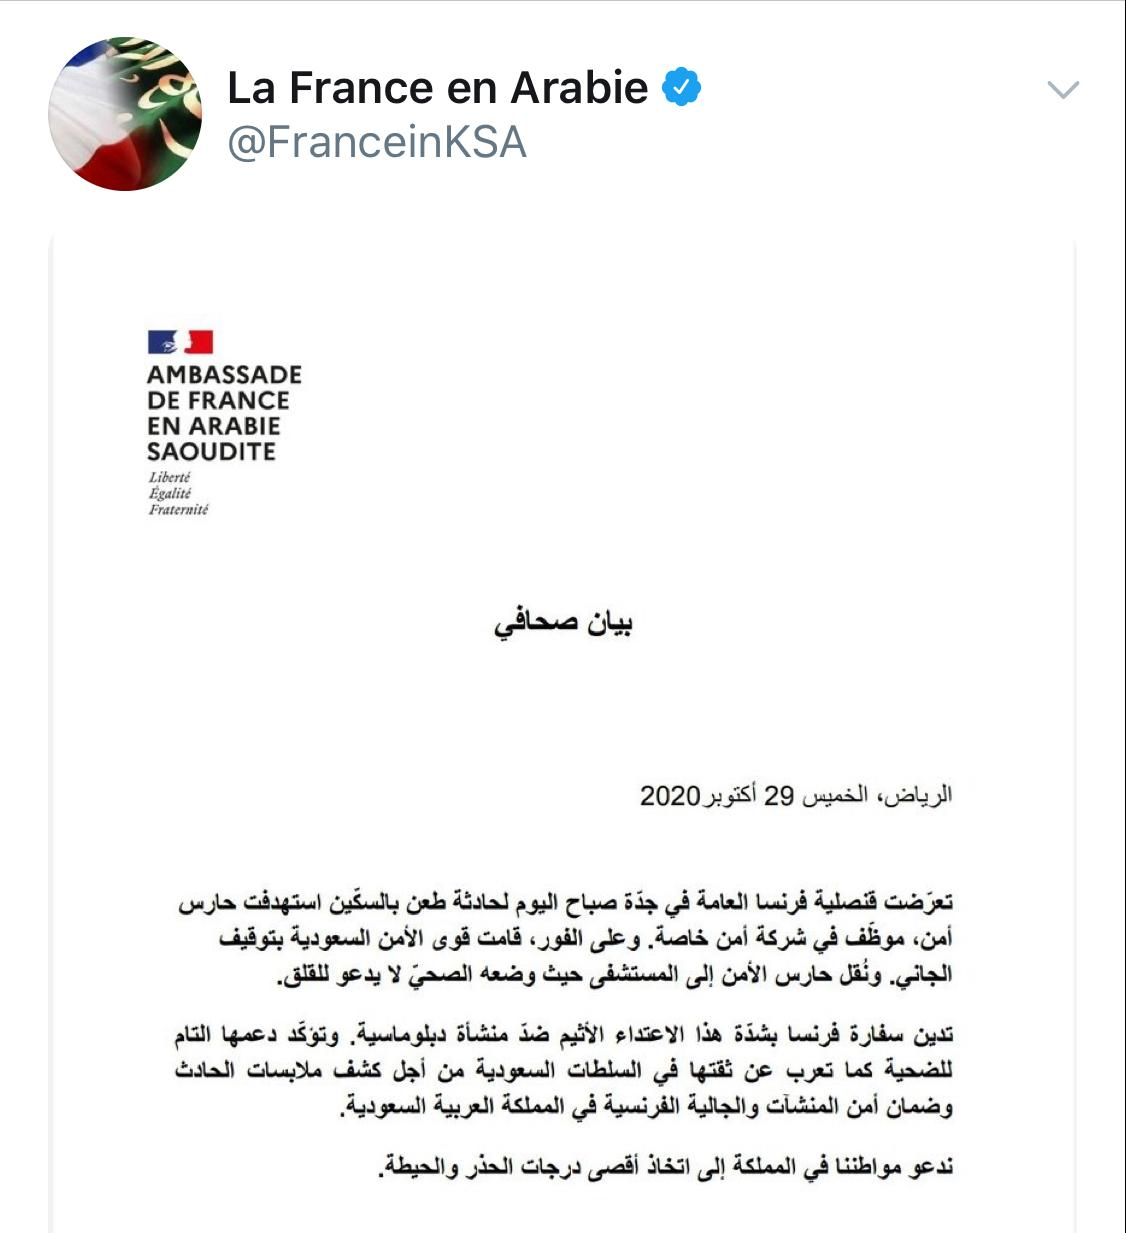 法国驻沙特大使馆发布通告提醒在沙公民注意安全